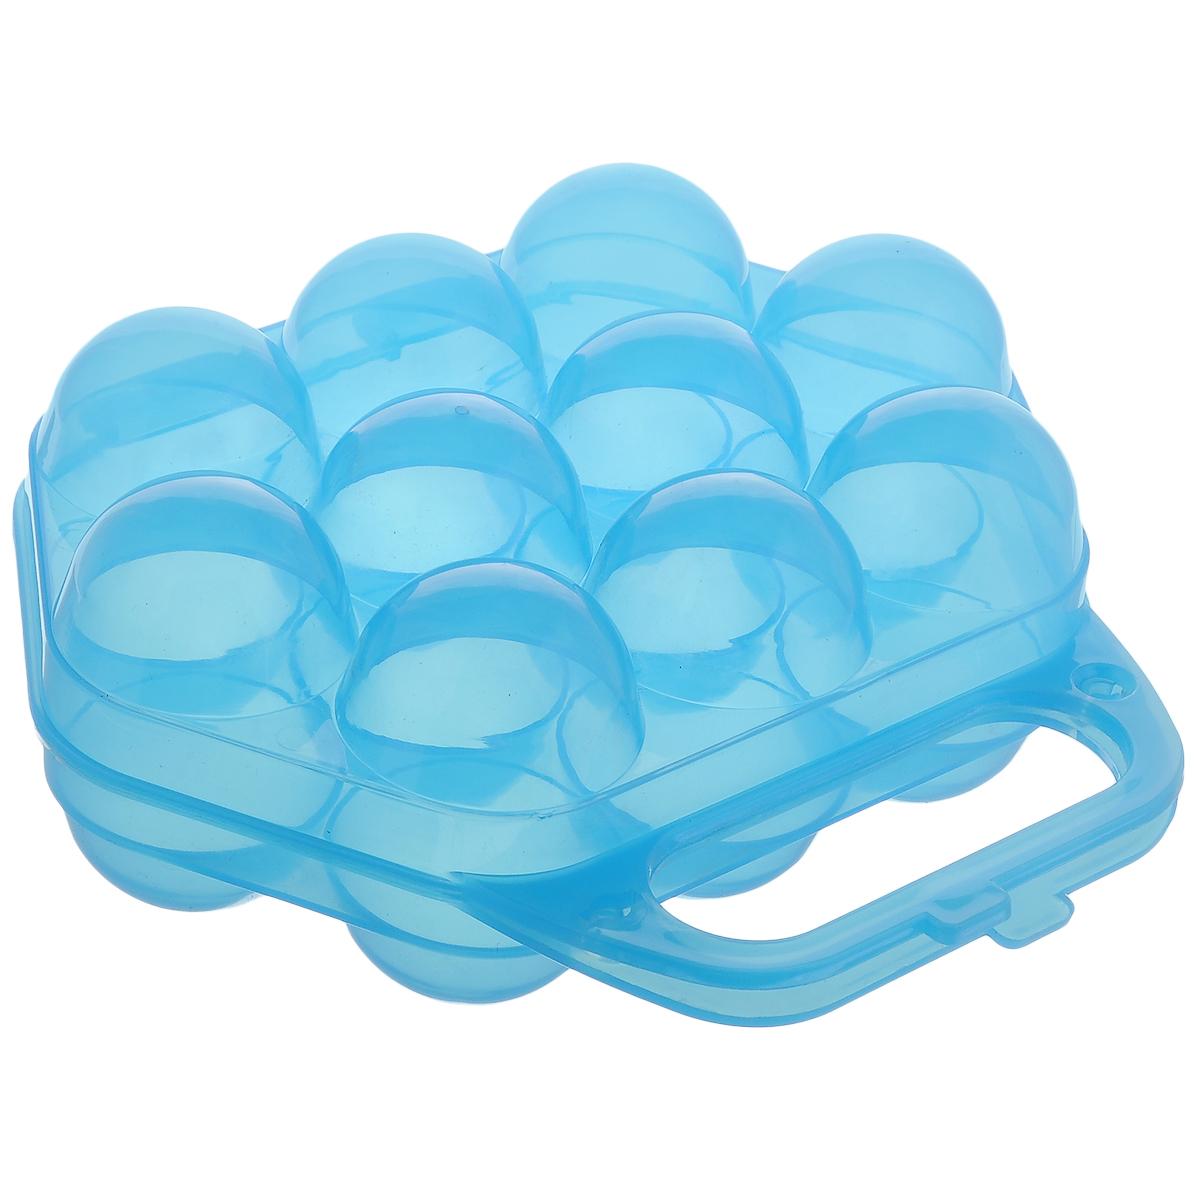 Контейнер для яиц Idea, на 10 шт, цвет: синий, 20 см х 19 см х 7,5 смМ 1210Контейнер Idea выполнен из полупрозрачного пластика в виде чемоданчика и предназначен для хранения яиц. Контейнер снабжен специальными ячейками для 10 яиц. Надежный защелкивающийся замок предотвратит случайное раскрытие контейнера. Контейнер не занимает много места, что очень удобно при транспортировке, а также при хранении. Размер контейнера: 20 см х 19 см х 7,5 см. Диаметр ячейки: 4,3 см.